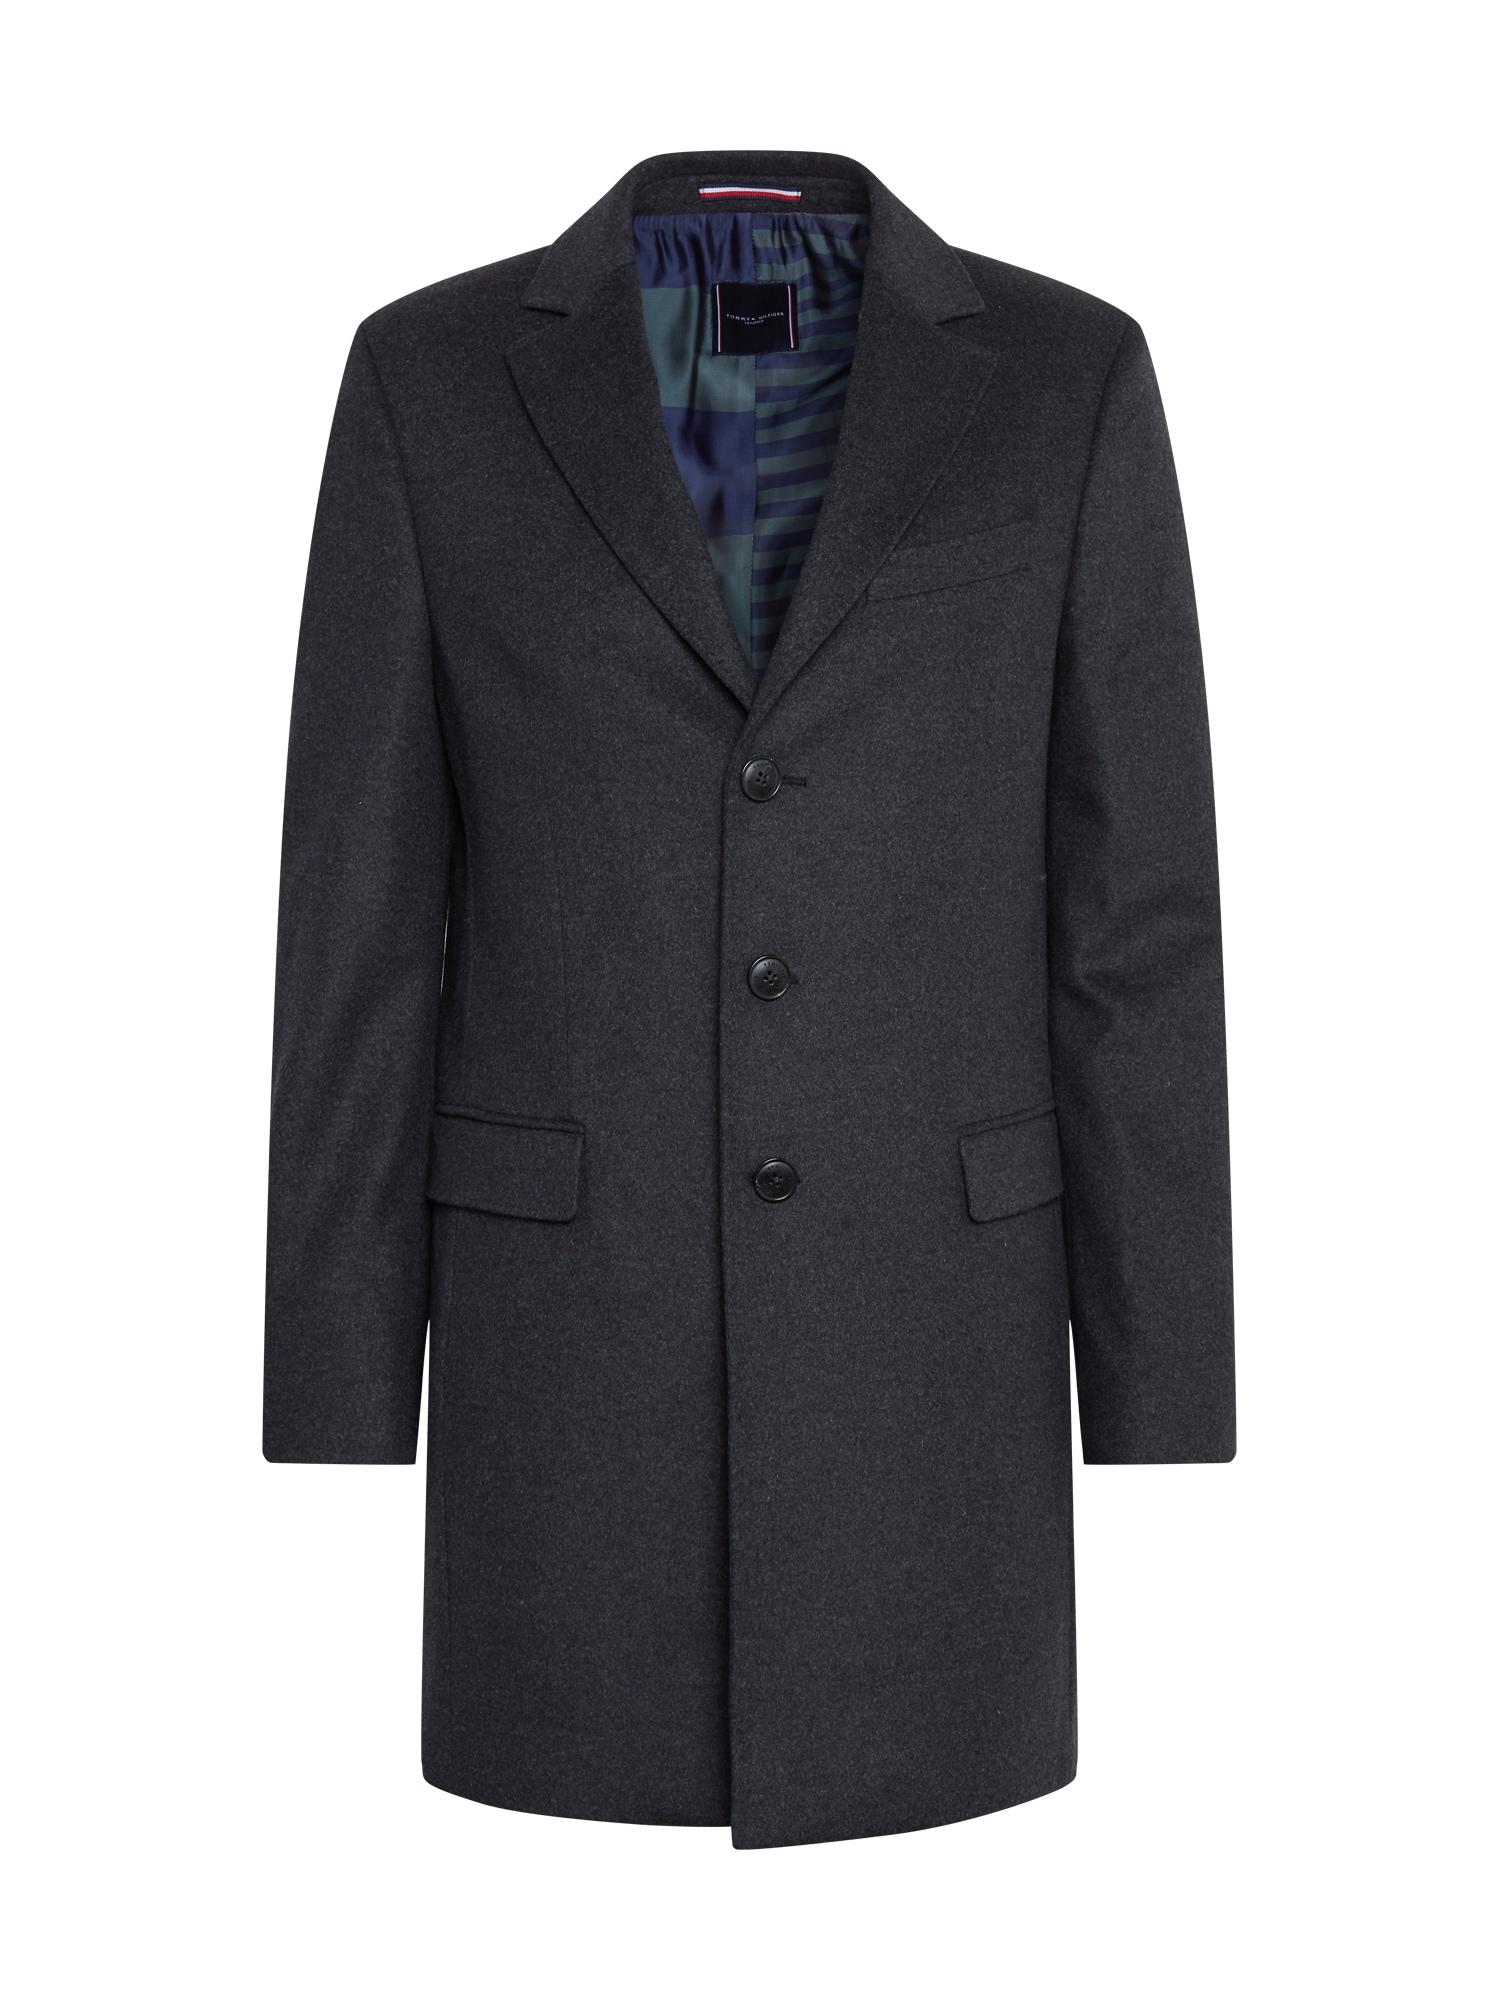 Tommy Hilfiger Tailored Přechodný kabát  tmavě šedá